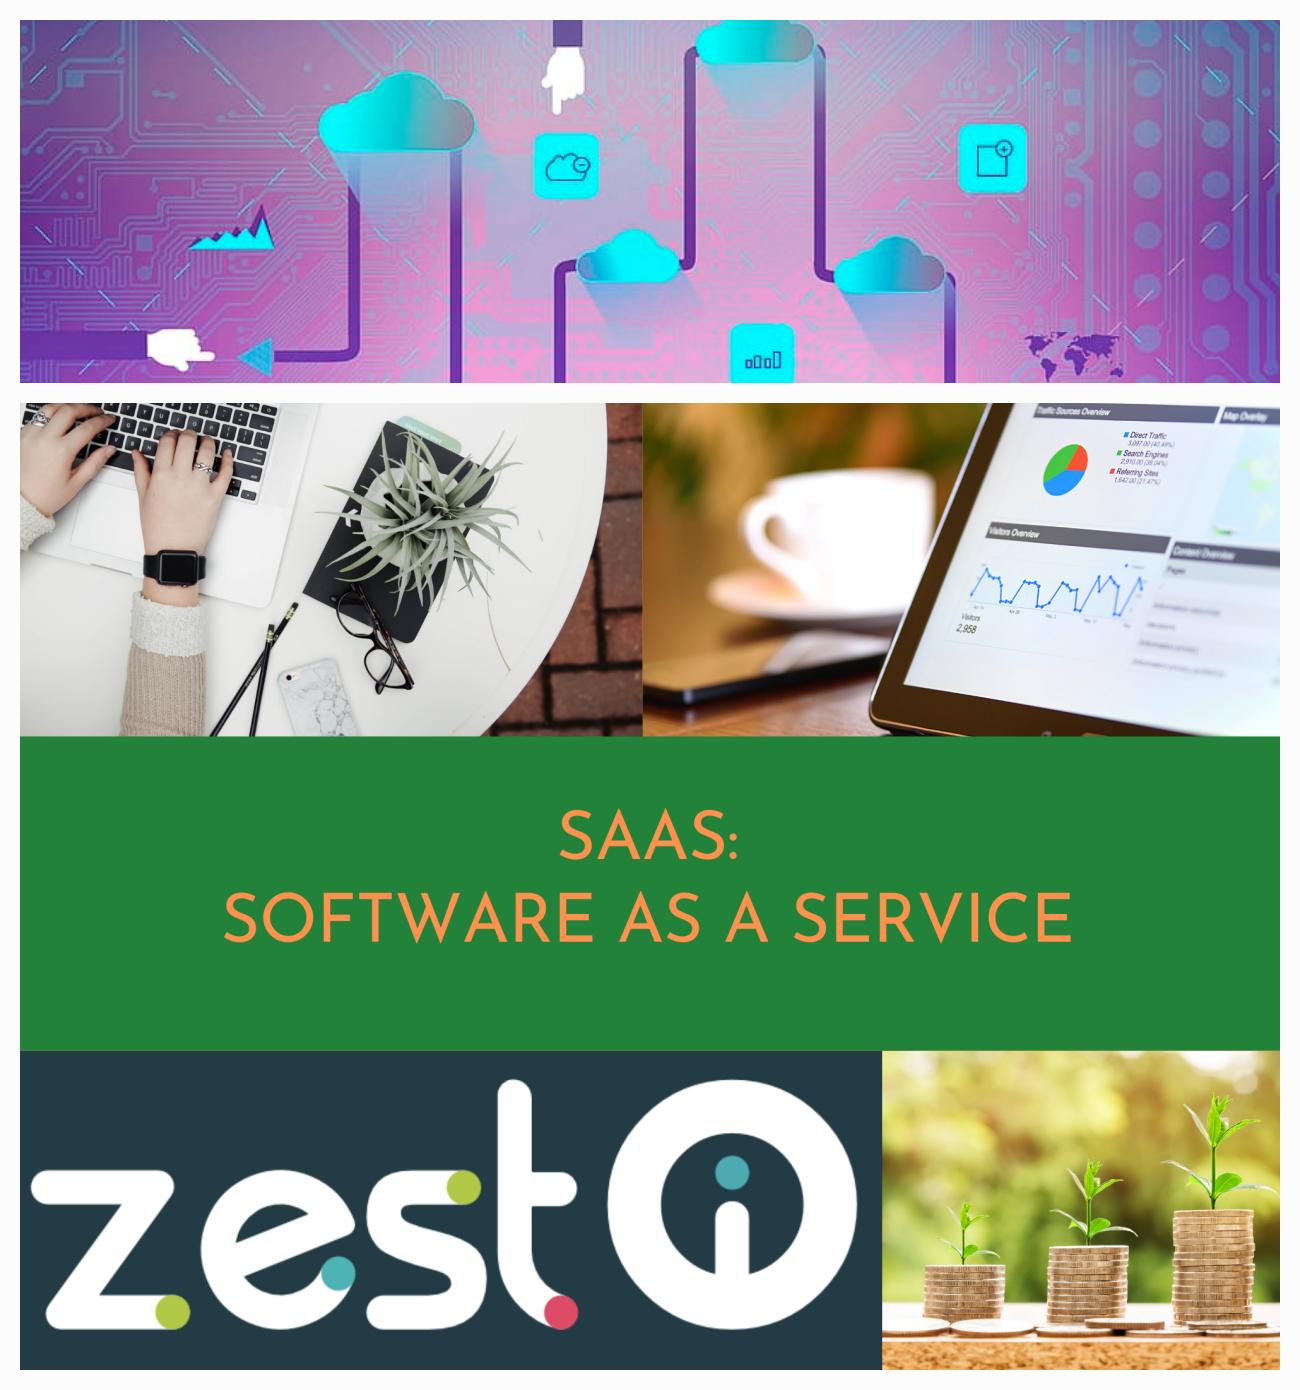 ZEST I-O Software As A Service SAAS